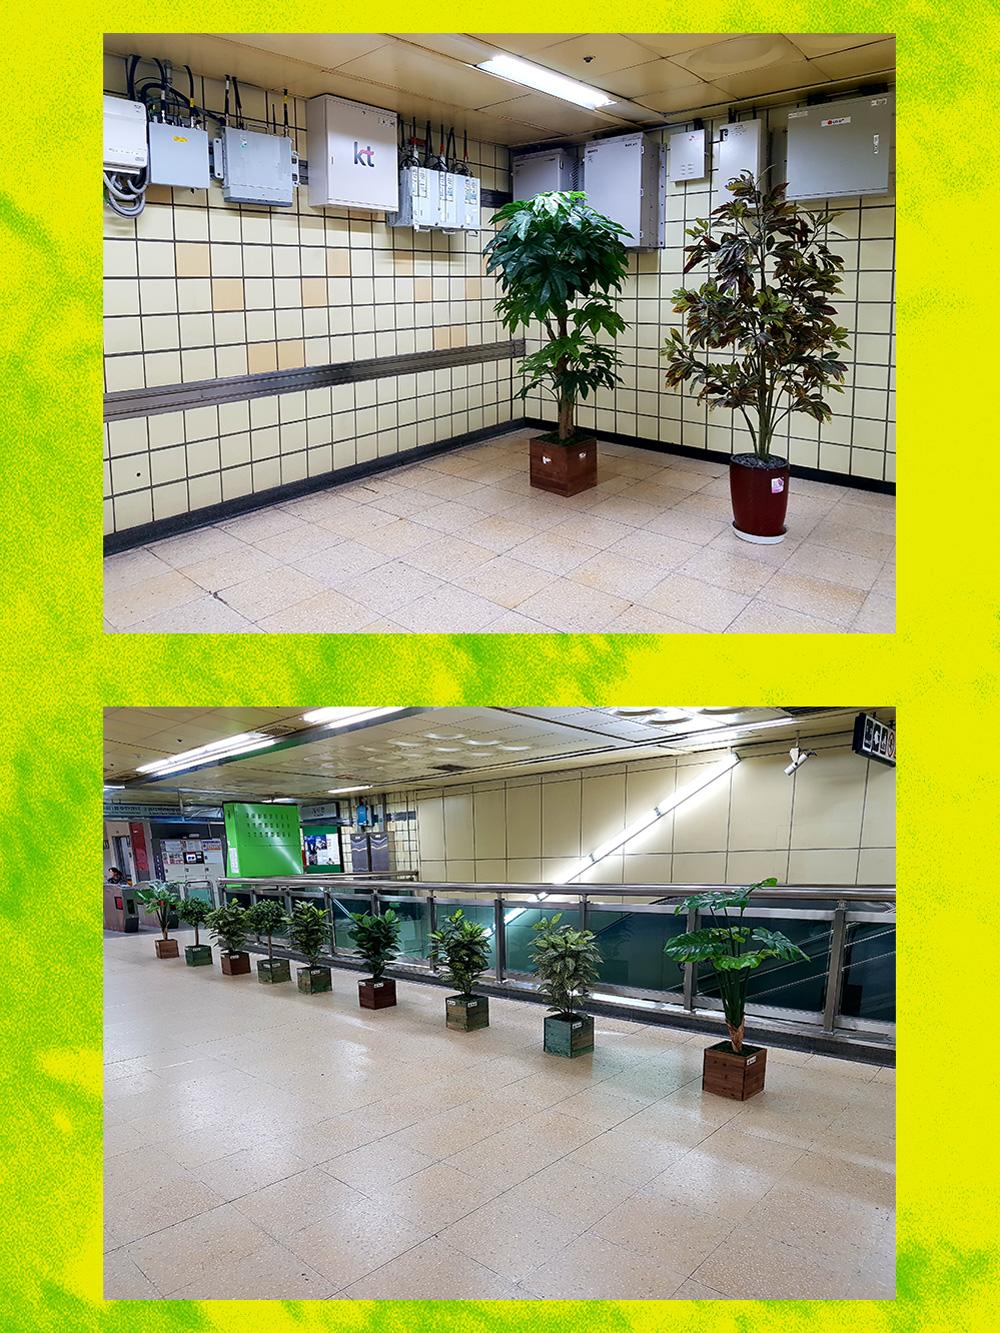 subway_art_gongrueng.jpg